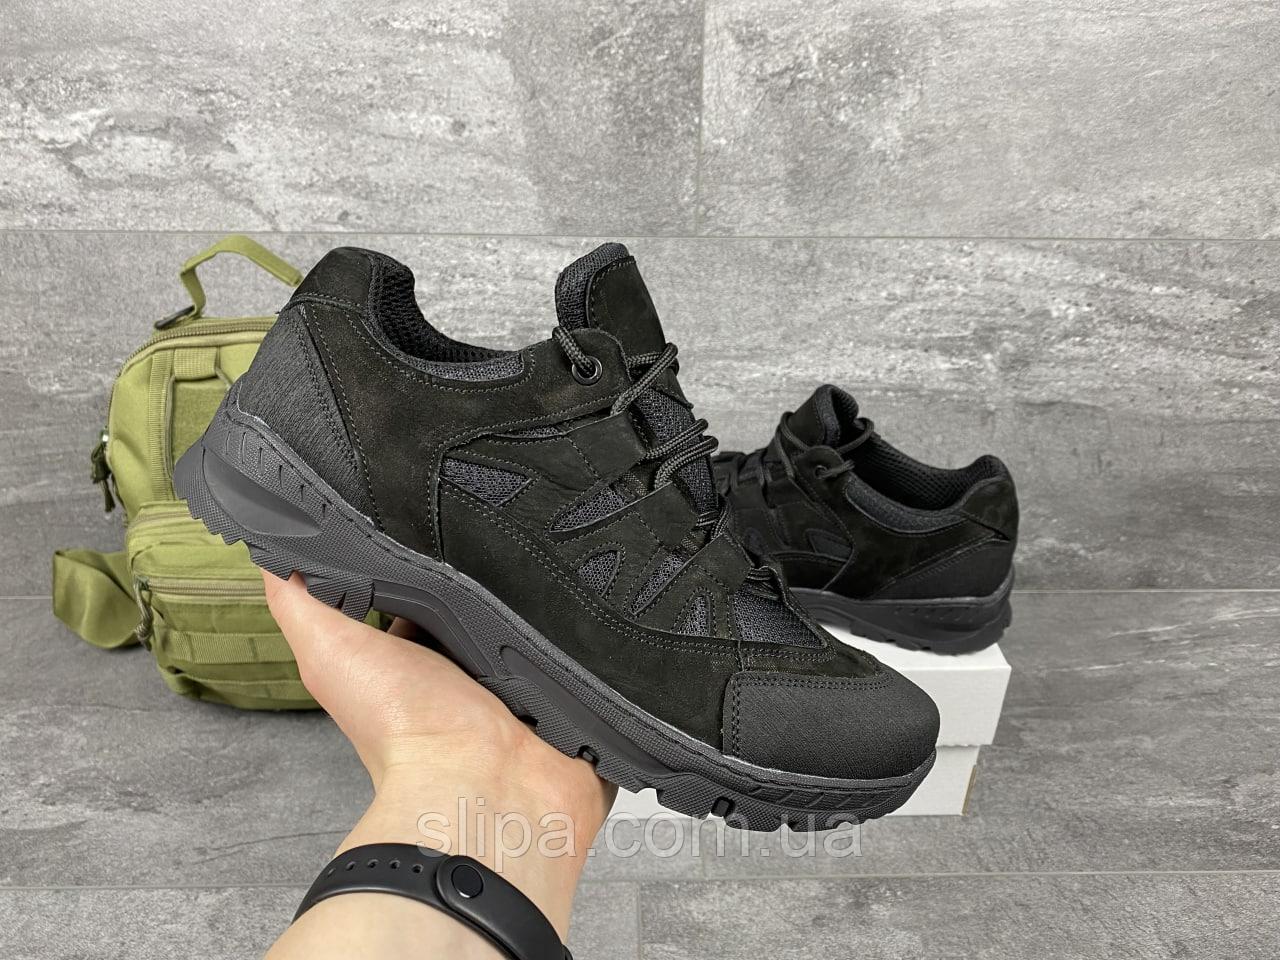 Коричневые тактические кроссовки с сеткой | Украина | натуральная кожа/сетка + полиуретан | прошиты